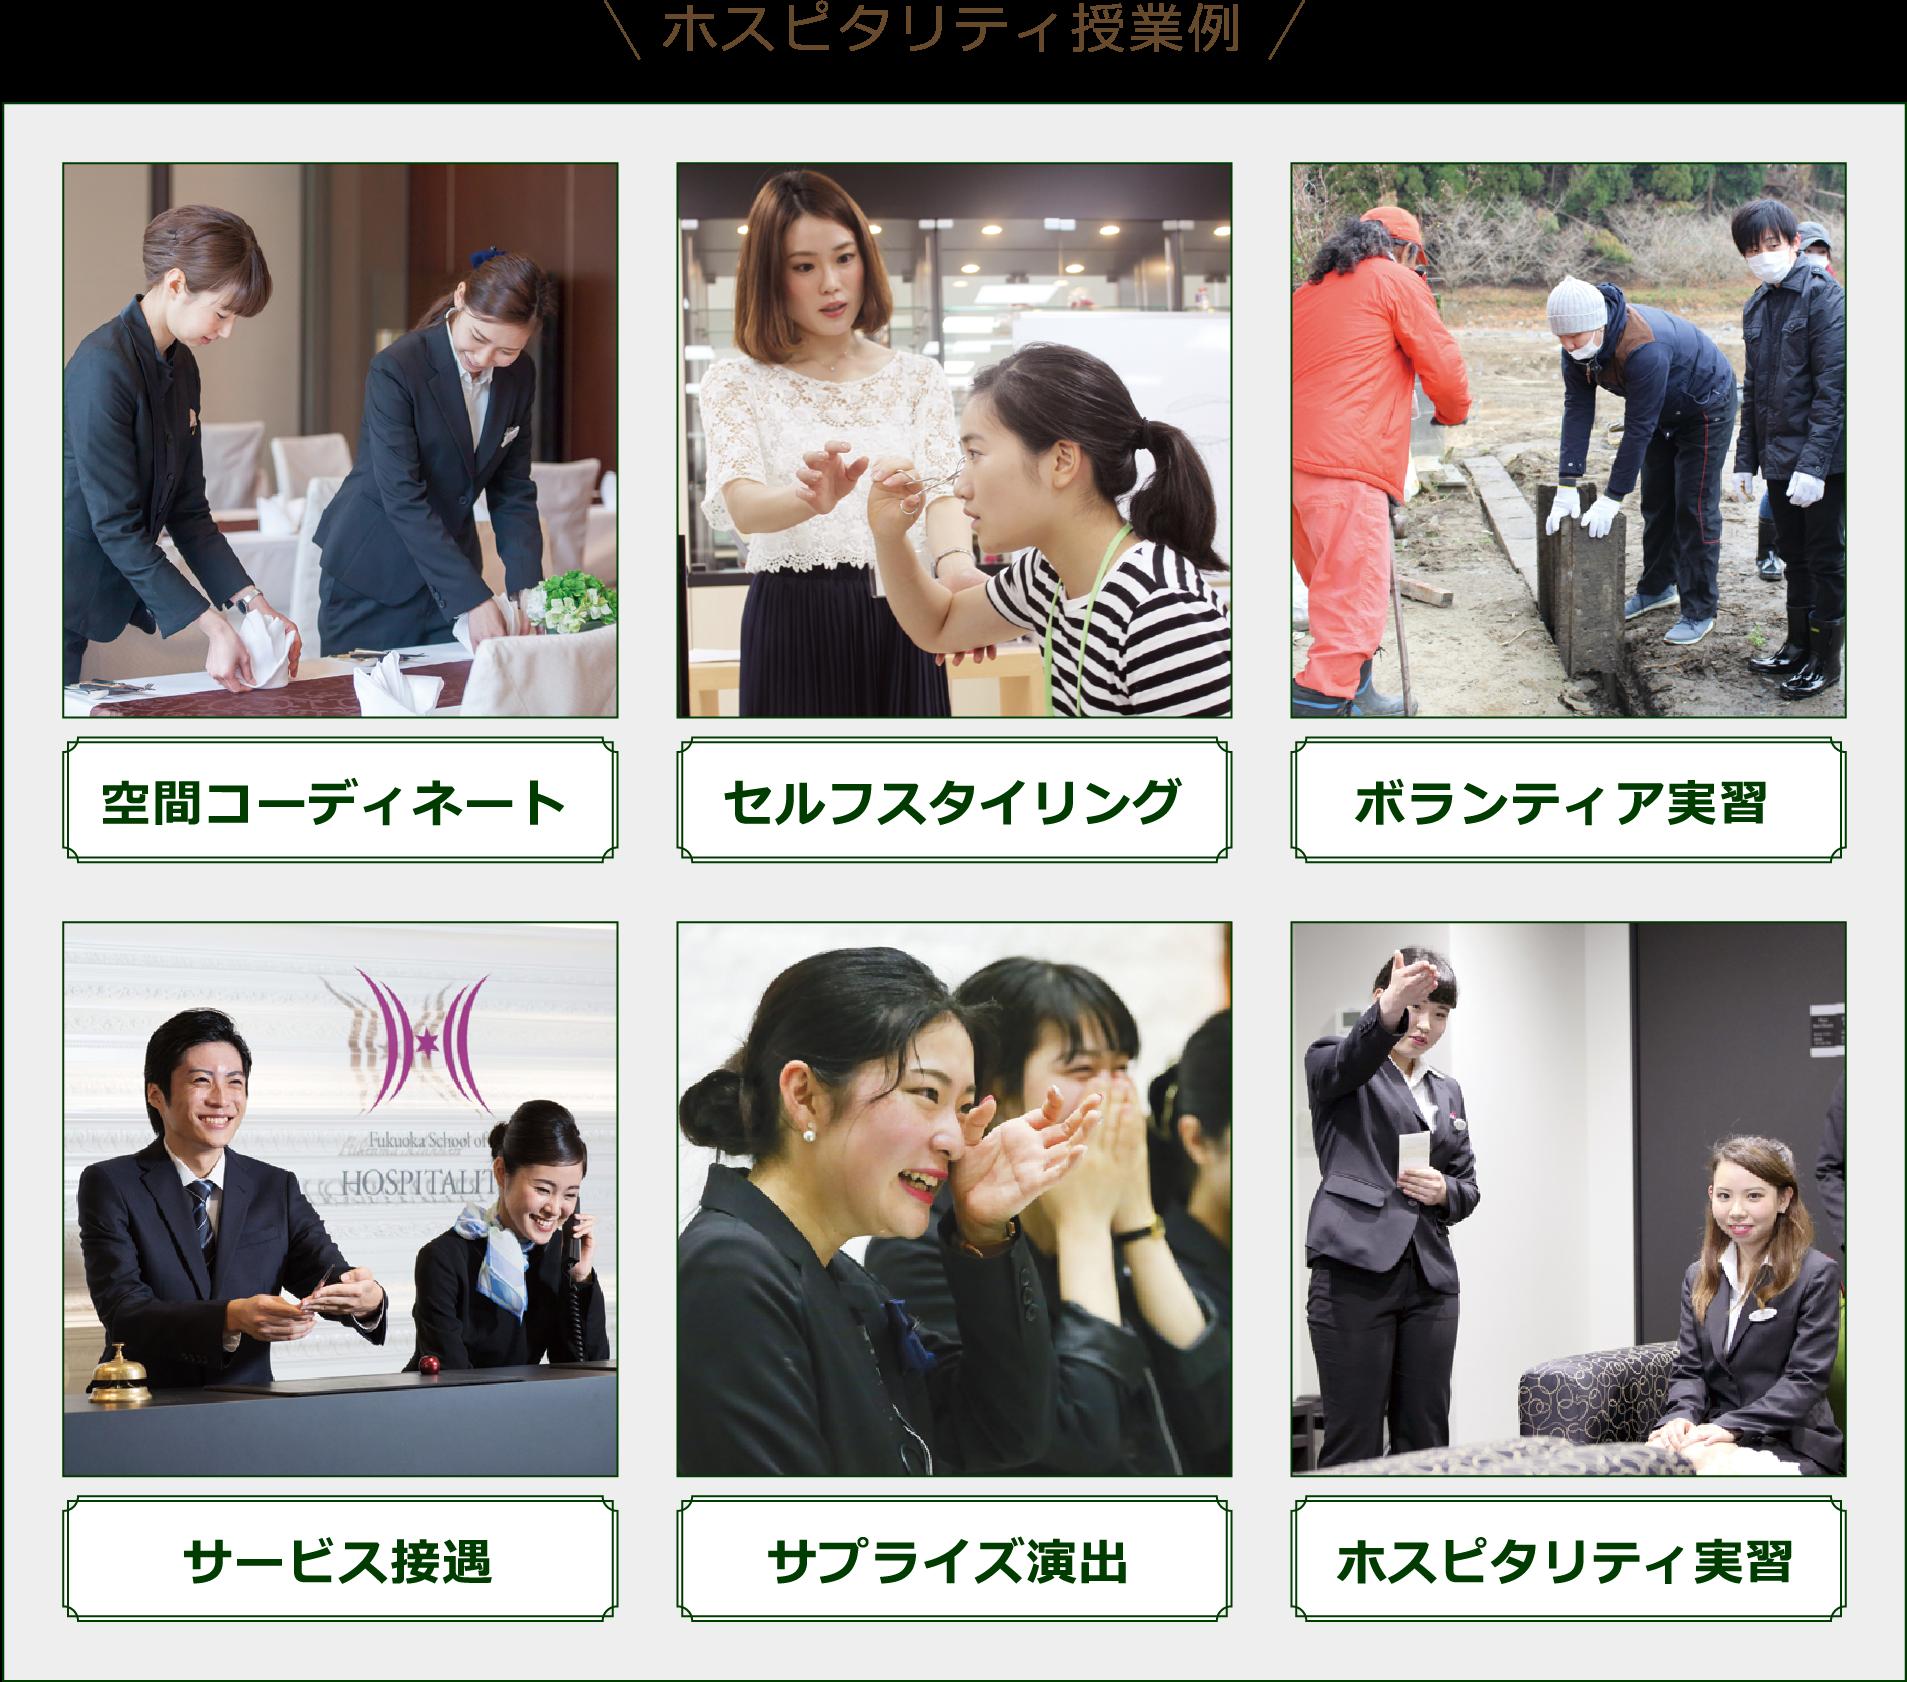 福岡ウェディング「ホテルワールド」